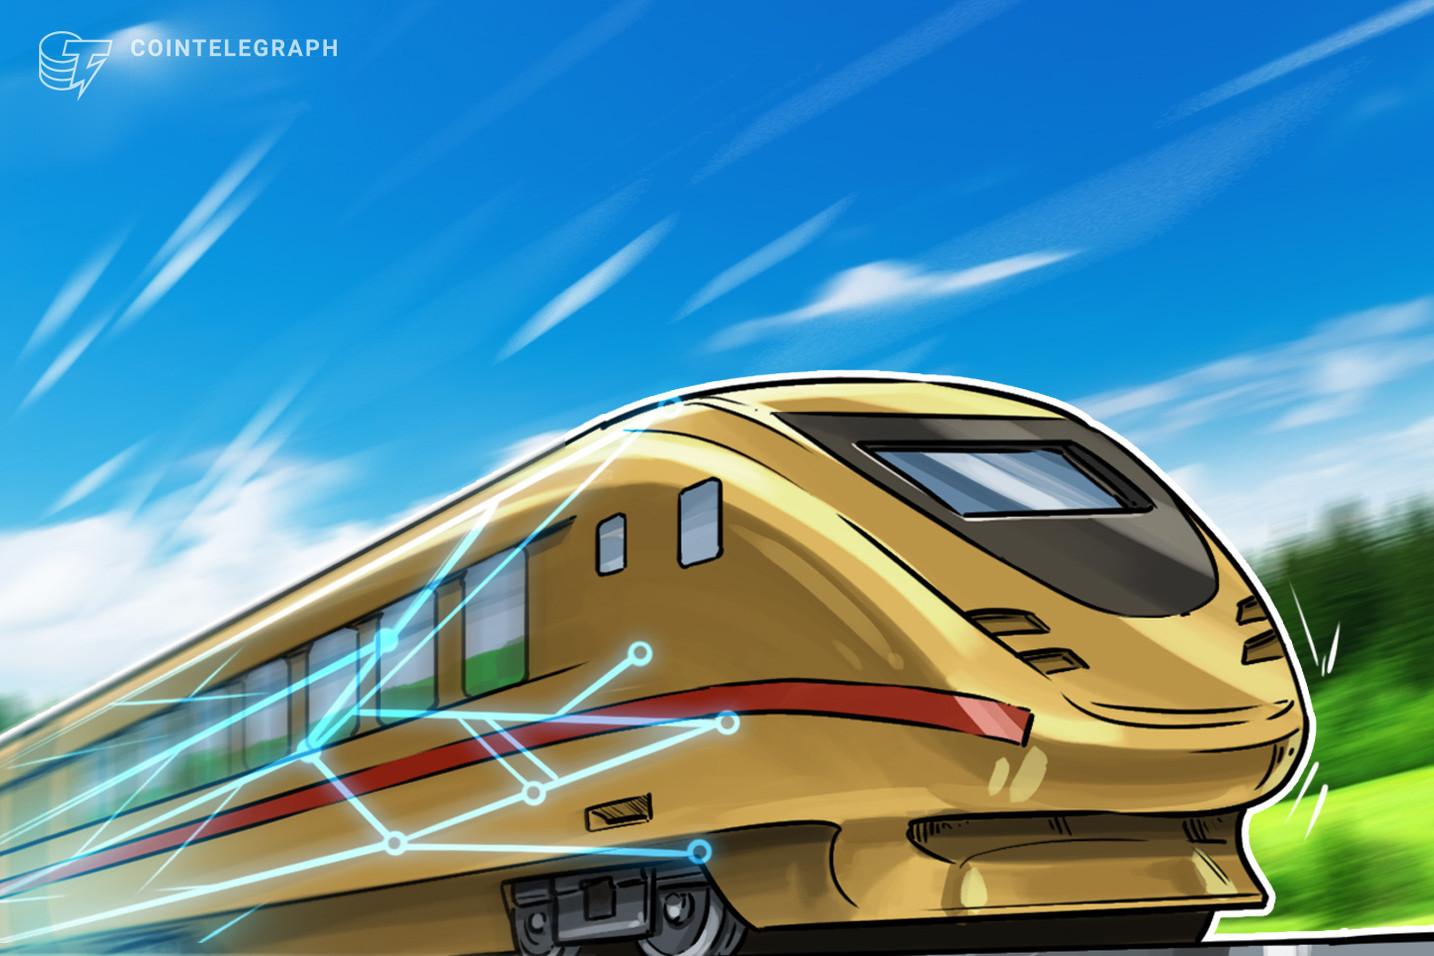 Los ferrocarriles rusos estudiarán la posibilidad de utilizar blockchain para los usuarios de los servicios de transporte con descuento